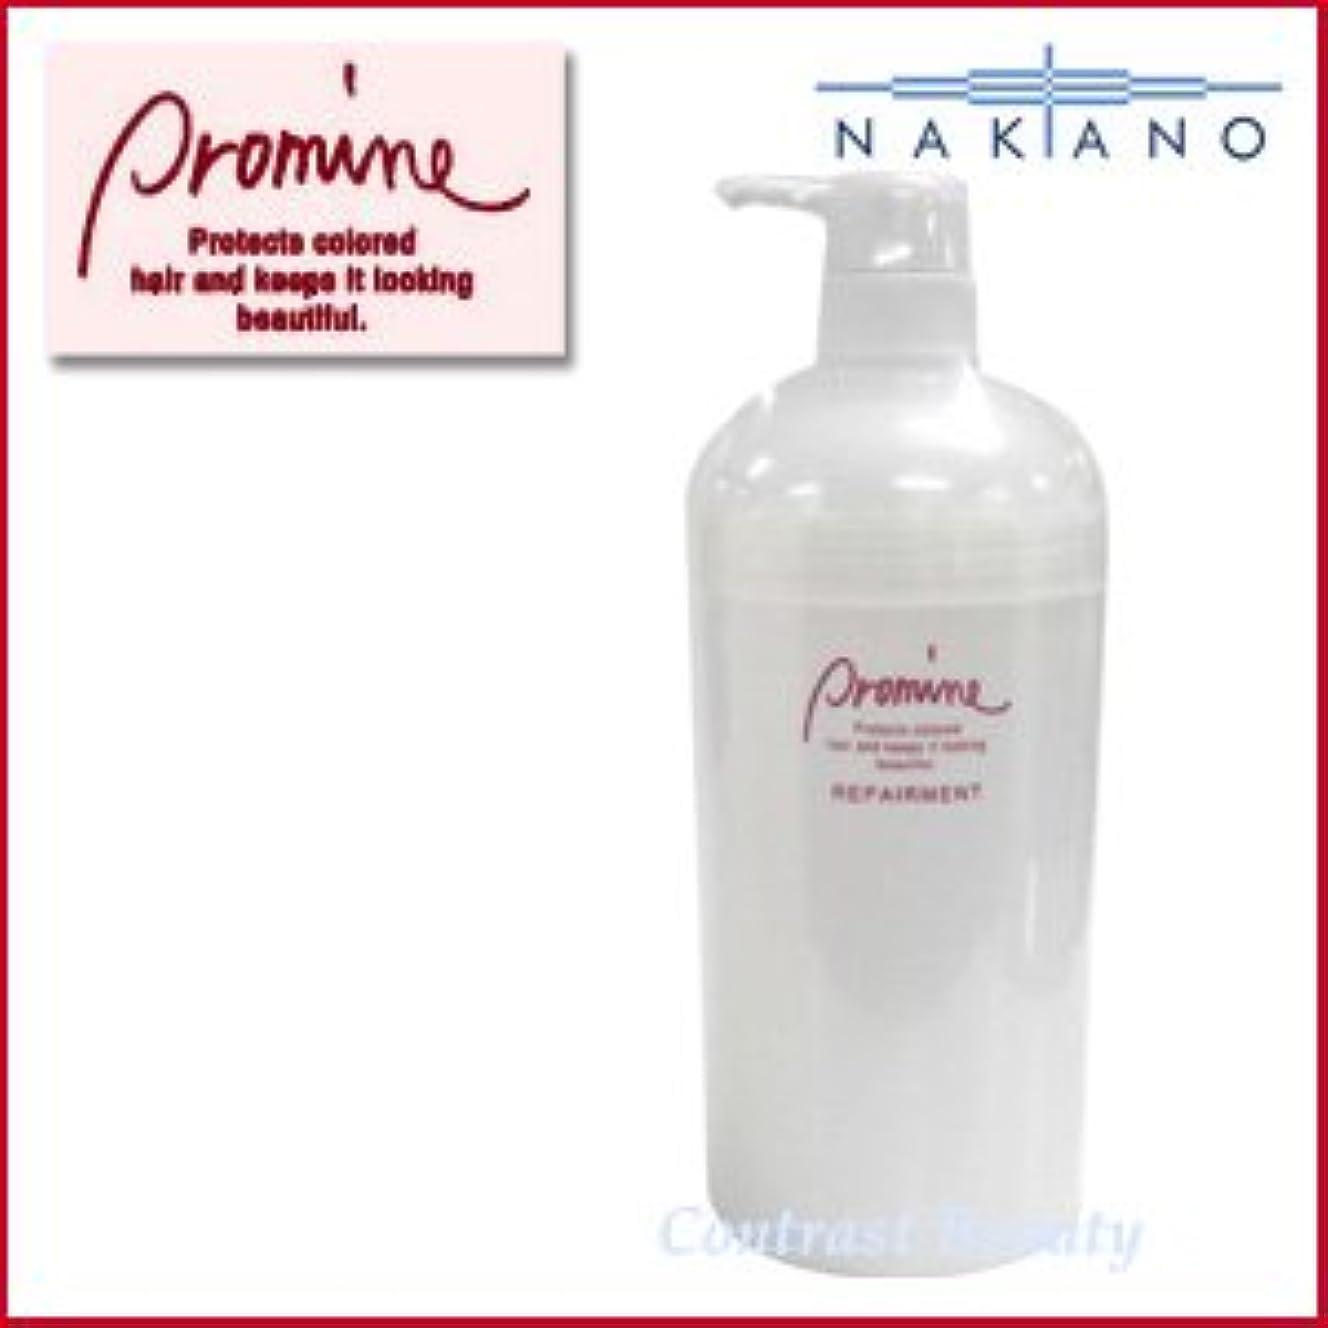 電気の縫うハック【X2個セット】 ナカノ プロマイン リペアメント 670g 【ヘアケア Hair care 中野製薬株式会社 NAKANO】